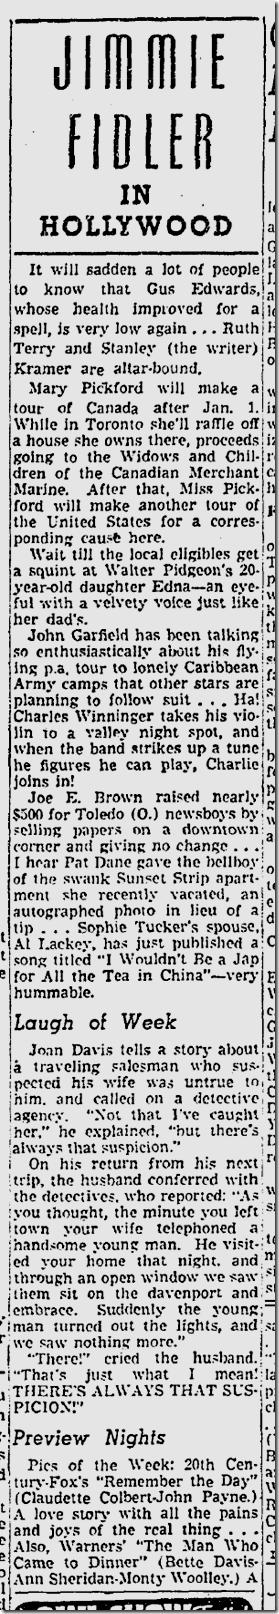 Dec. 27, 1941, Jimmie Fidler